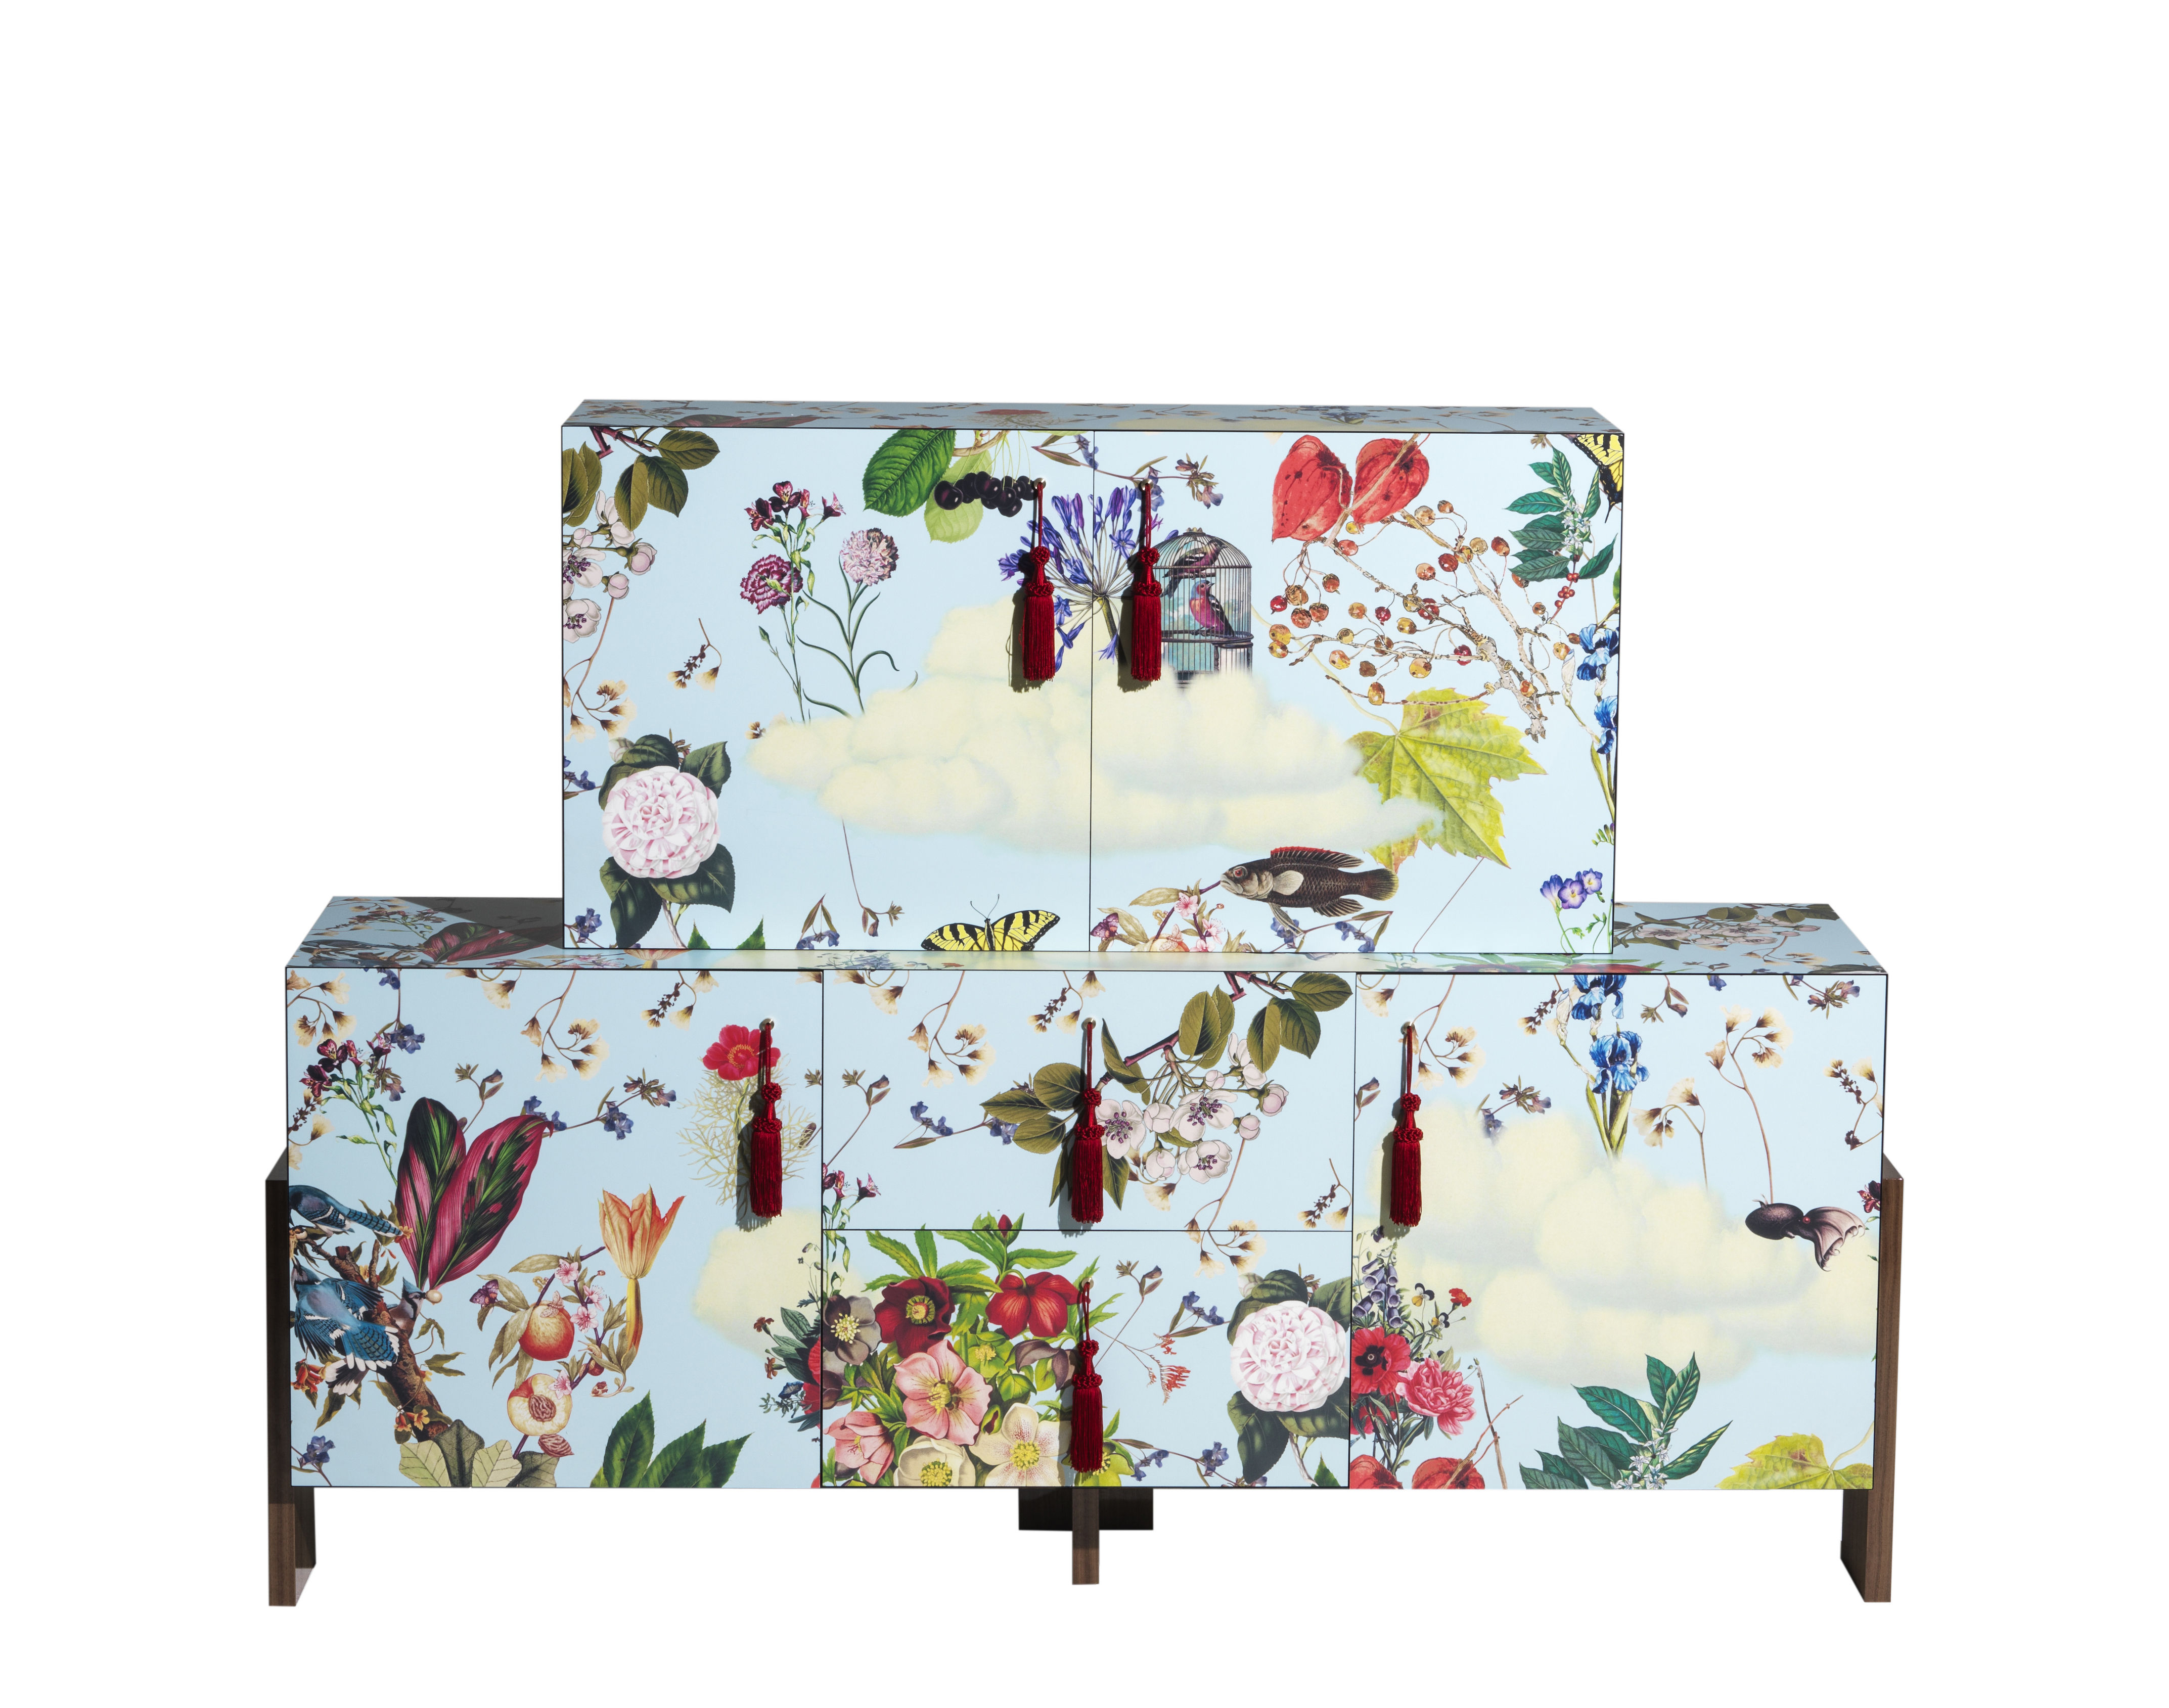 Möbel - Kommode und Anrichte - Ziqqurat Anrichte / L 186 cm x H 155 cm - Driade - Blumenmotive auf blauem Grund - HPL, MDF plaqué noyer